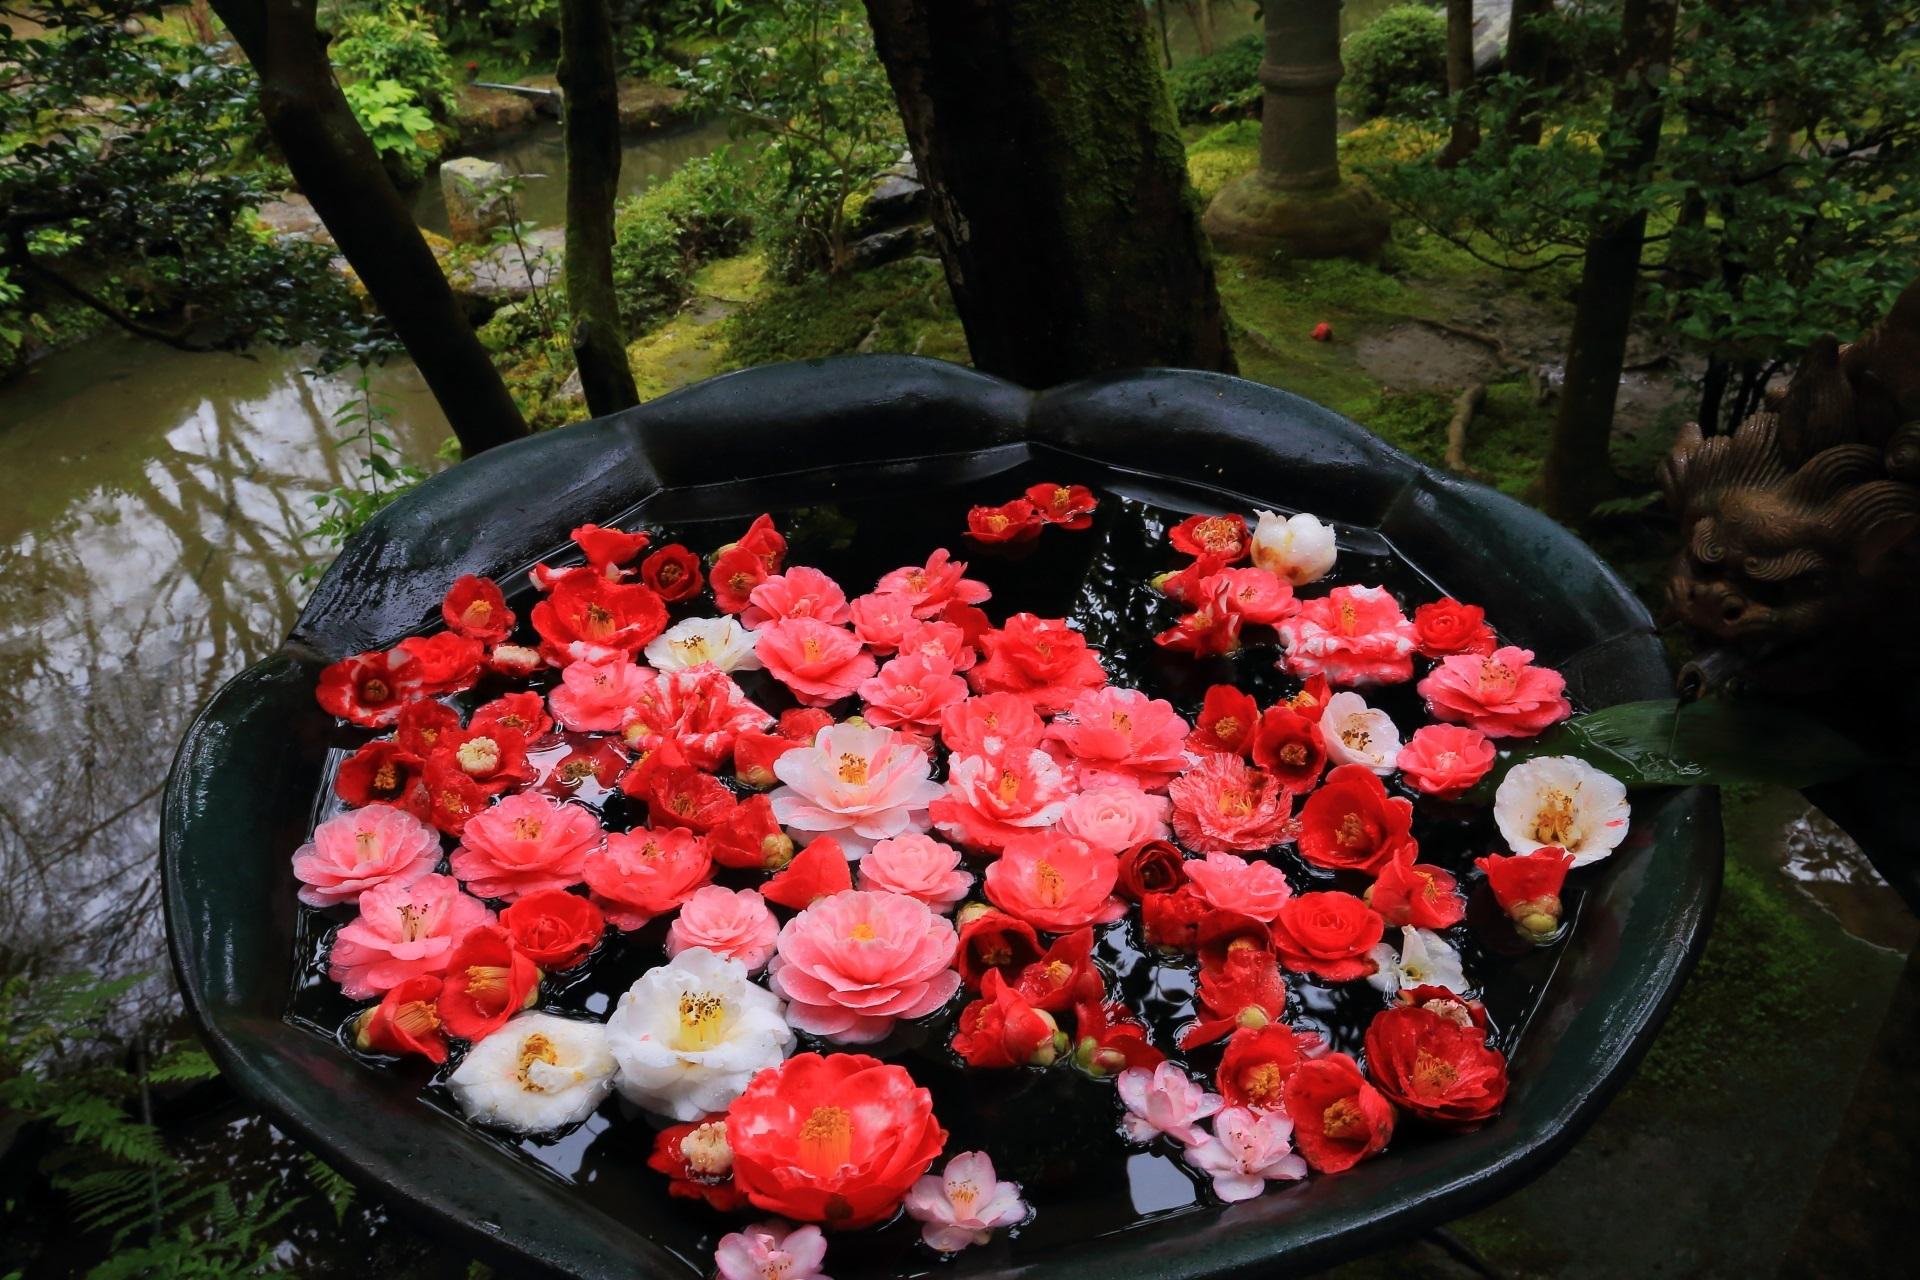 法然院 椿 鮮やかな彩りと風情ある庭園